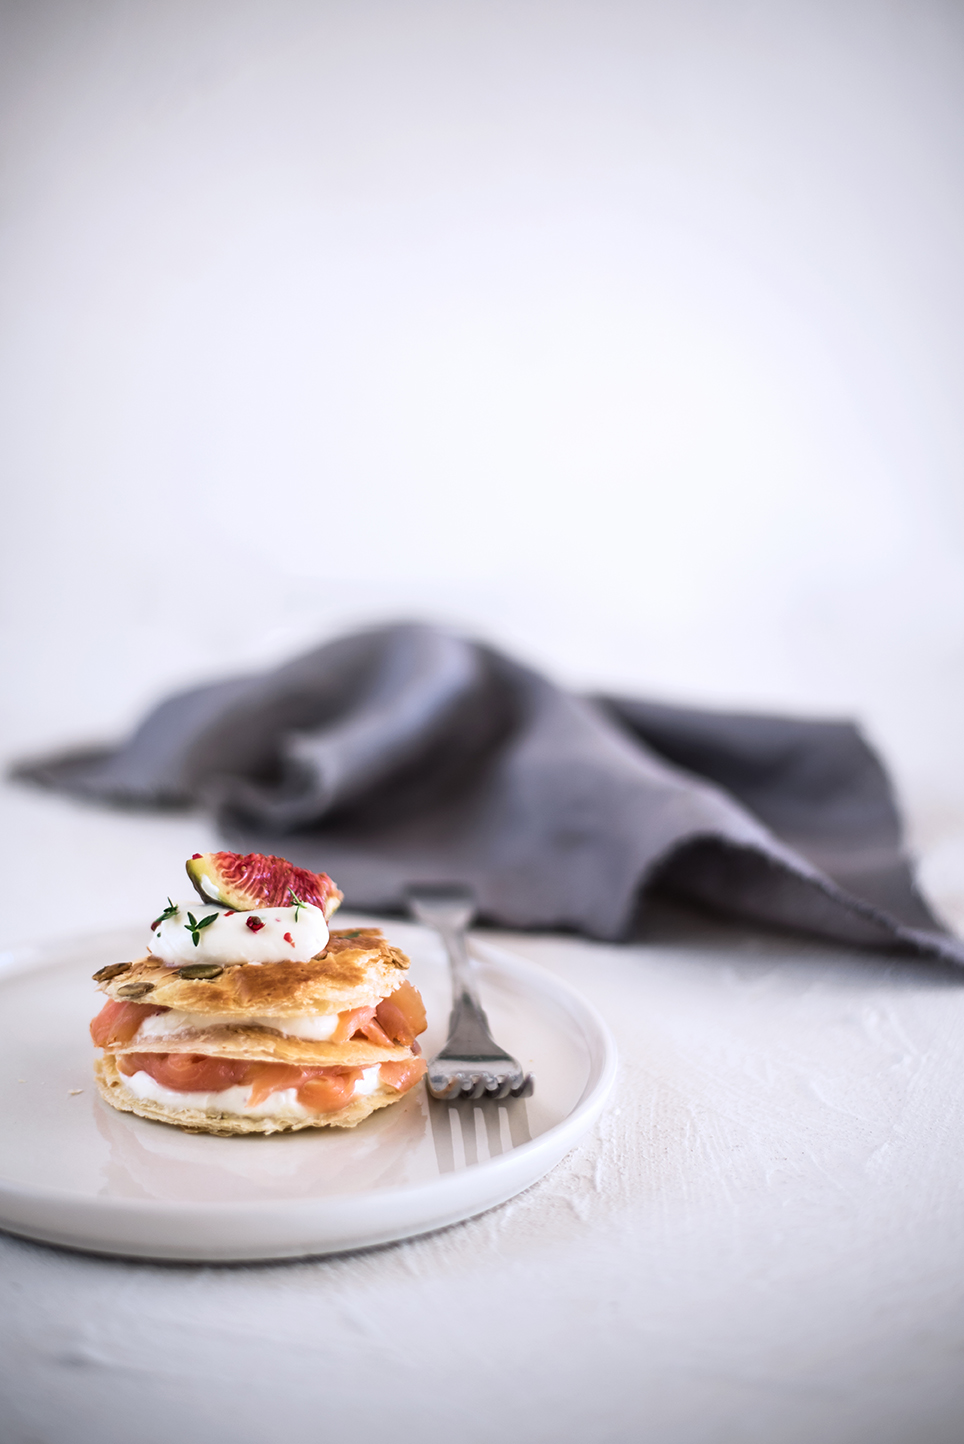 Millefoglie al salmone, crema al mascarpone e fichi per Taste&More n. 22